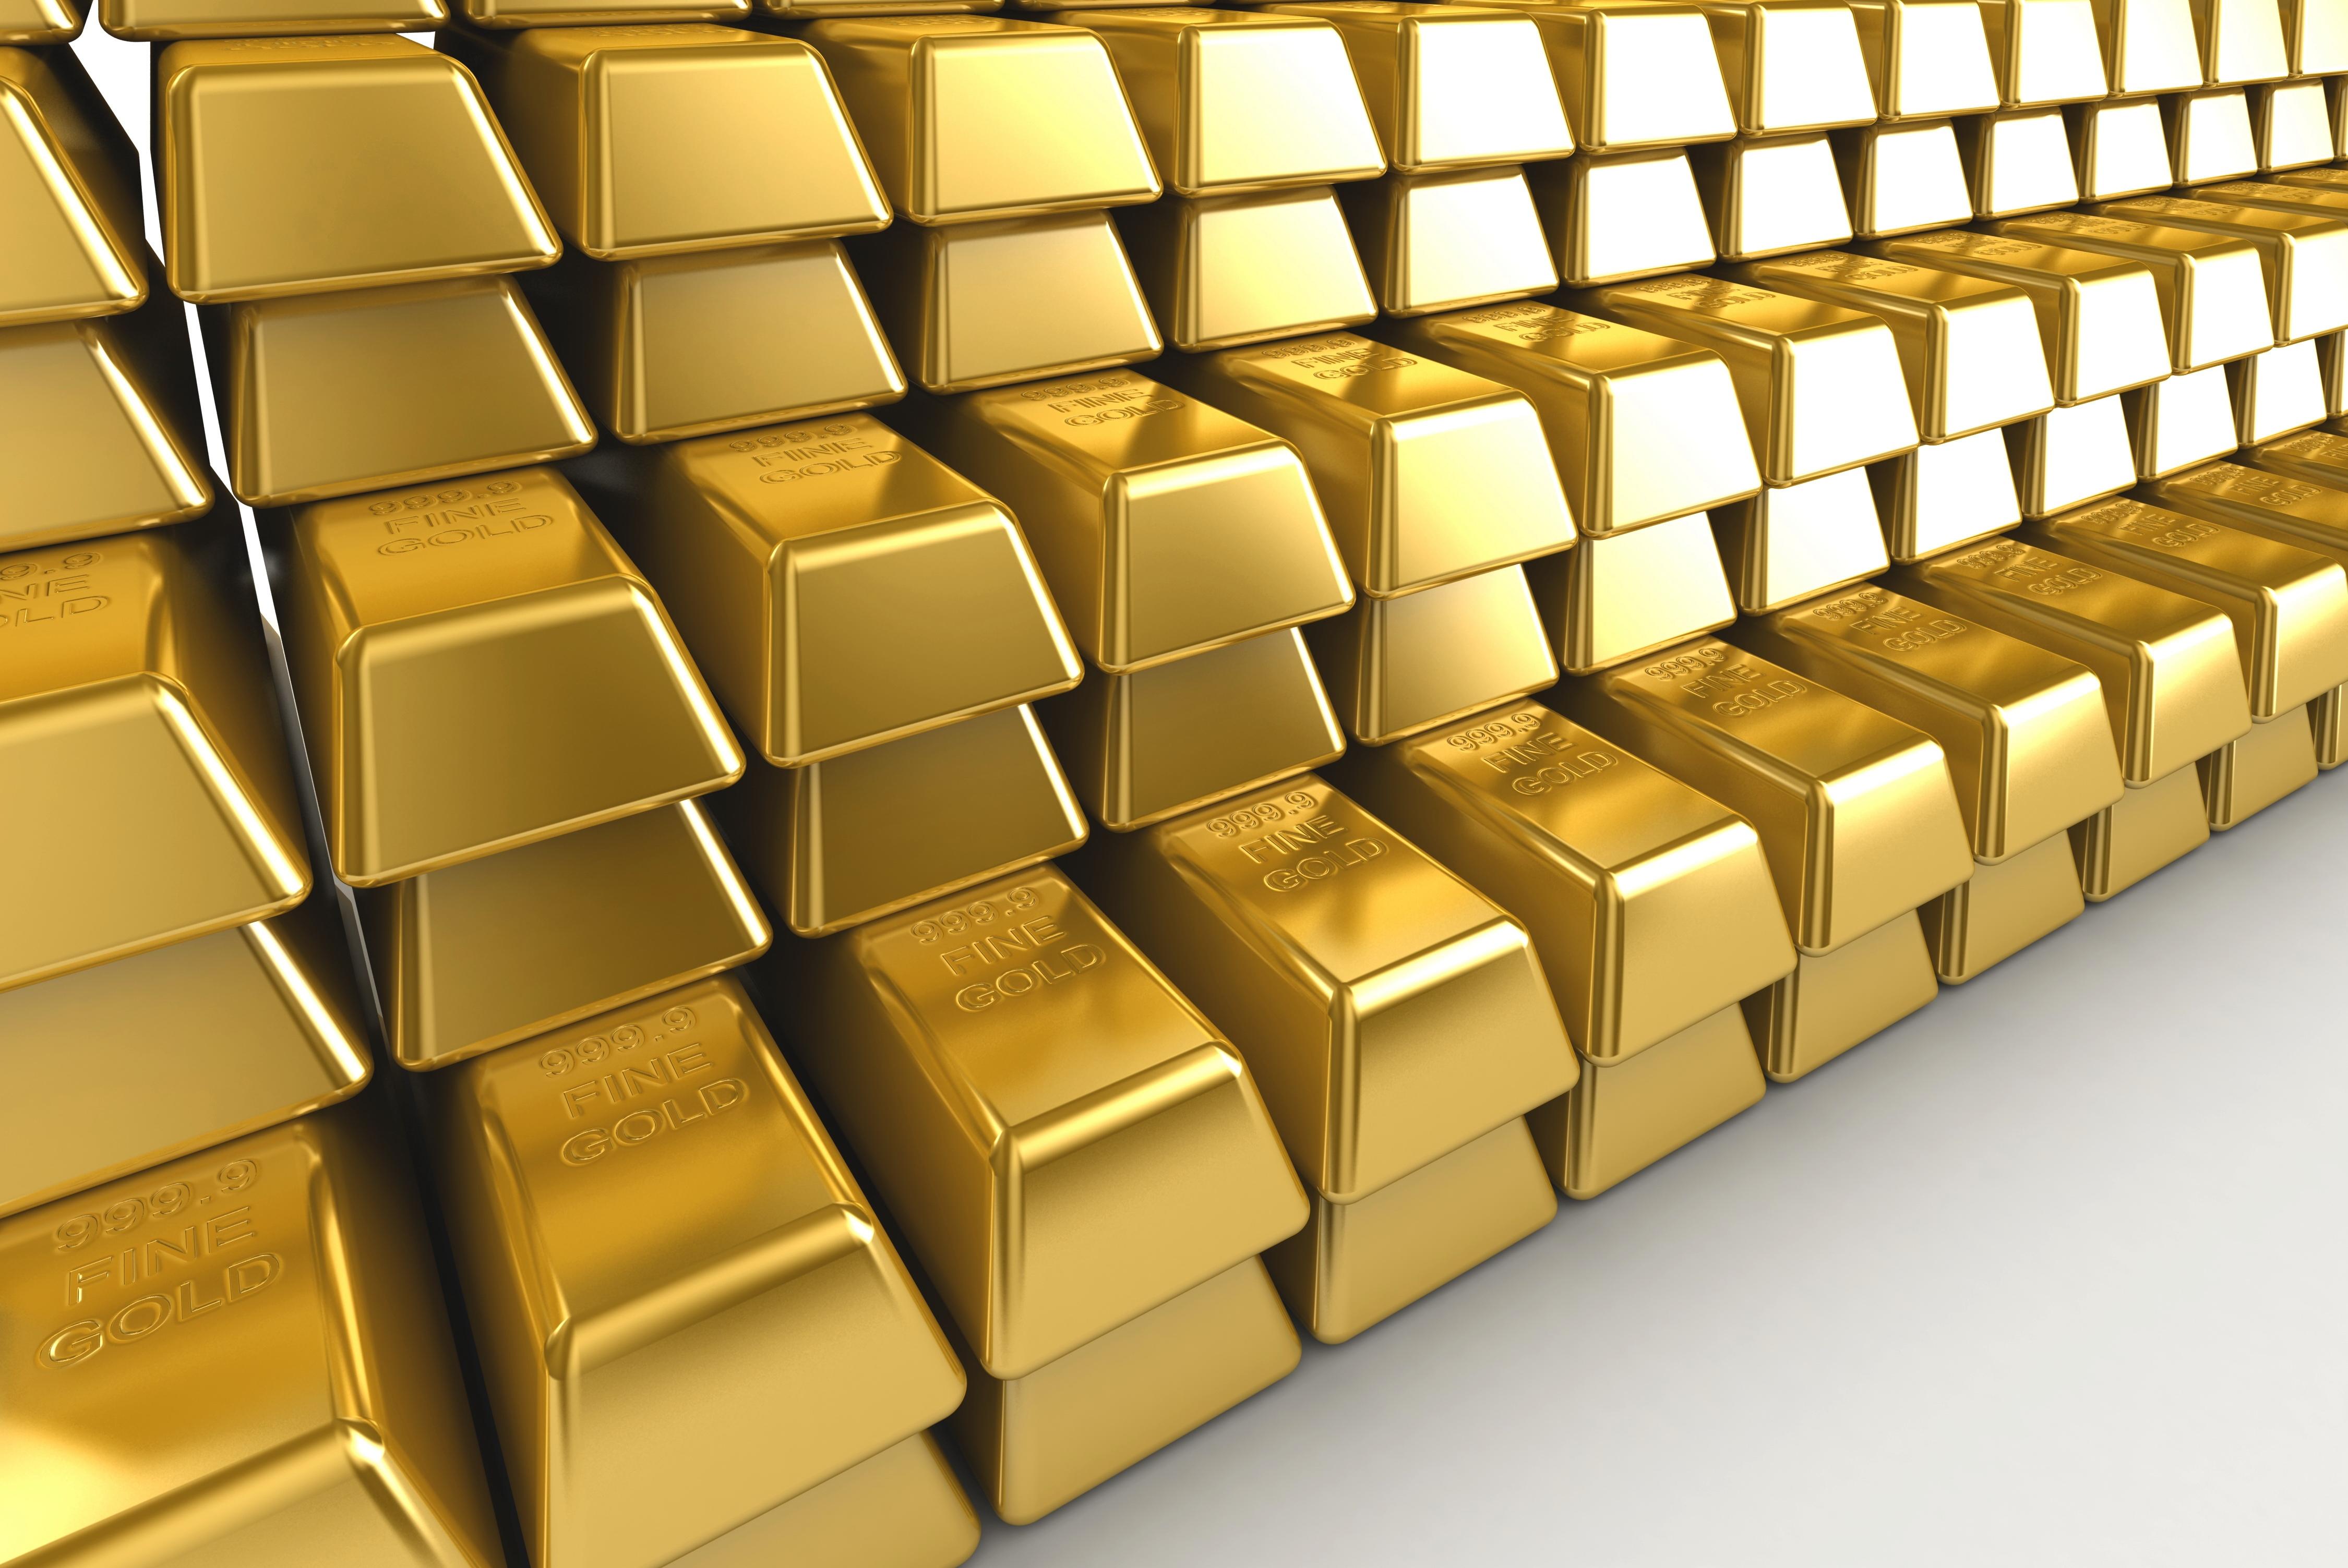 ВТБ купил более 11 тонн золота у недропользователей Якутии